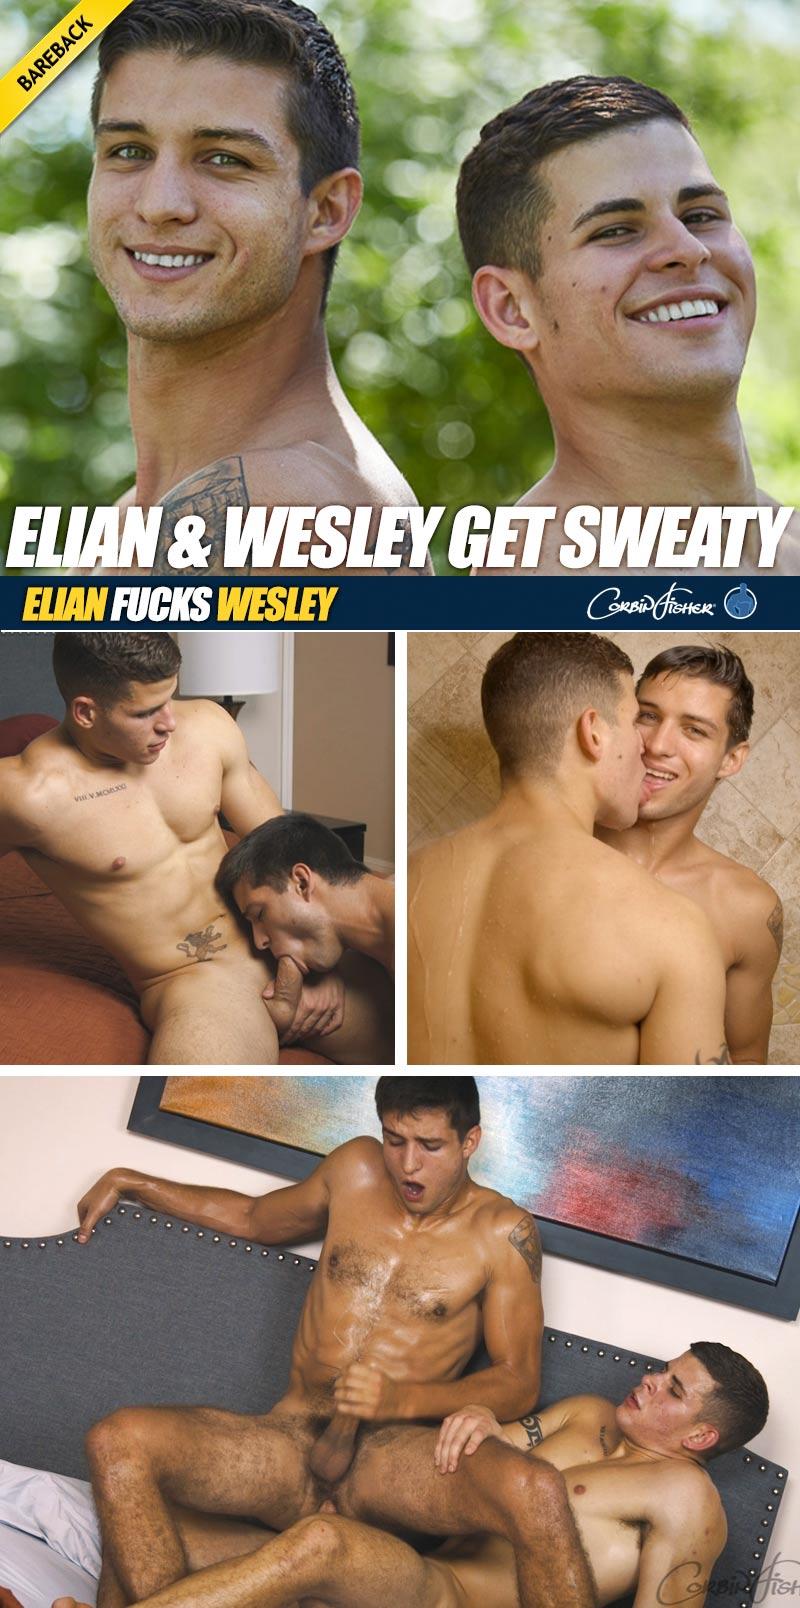 Elian & Wesley Get Sweaty (Bareback) at CorbinFisher